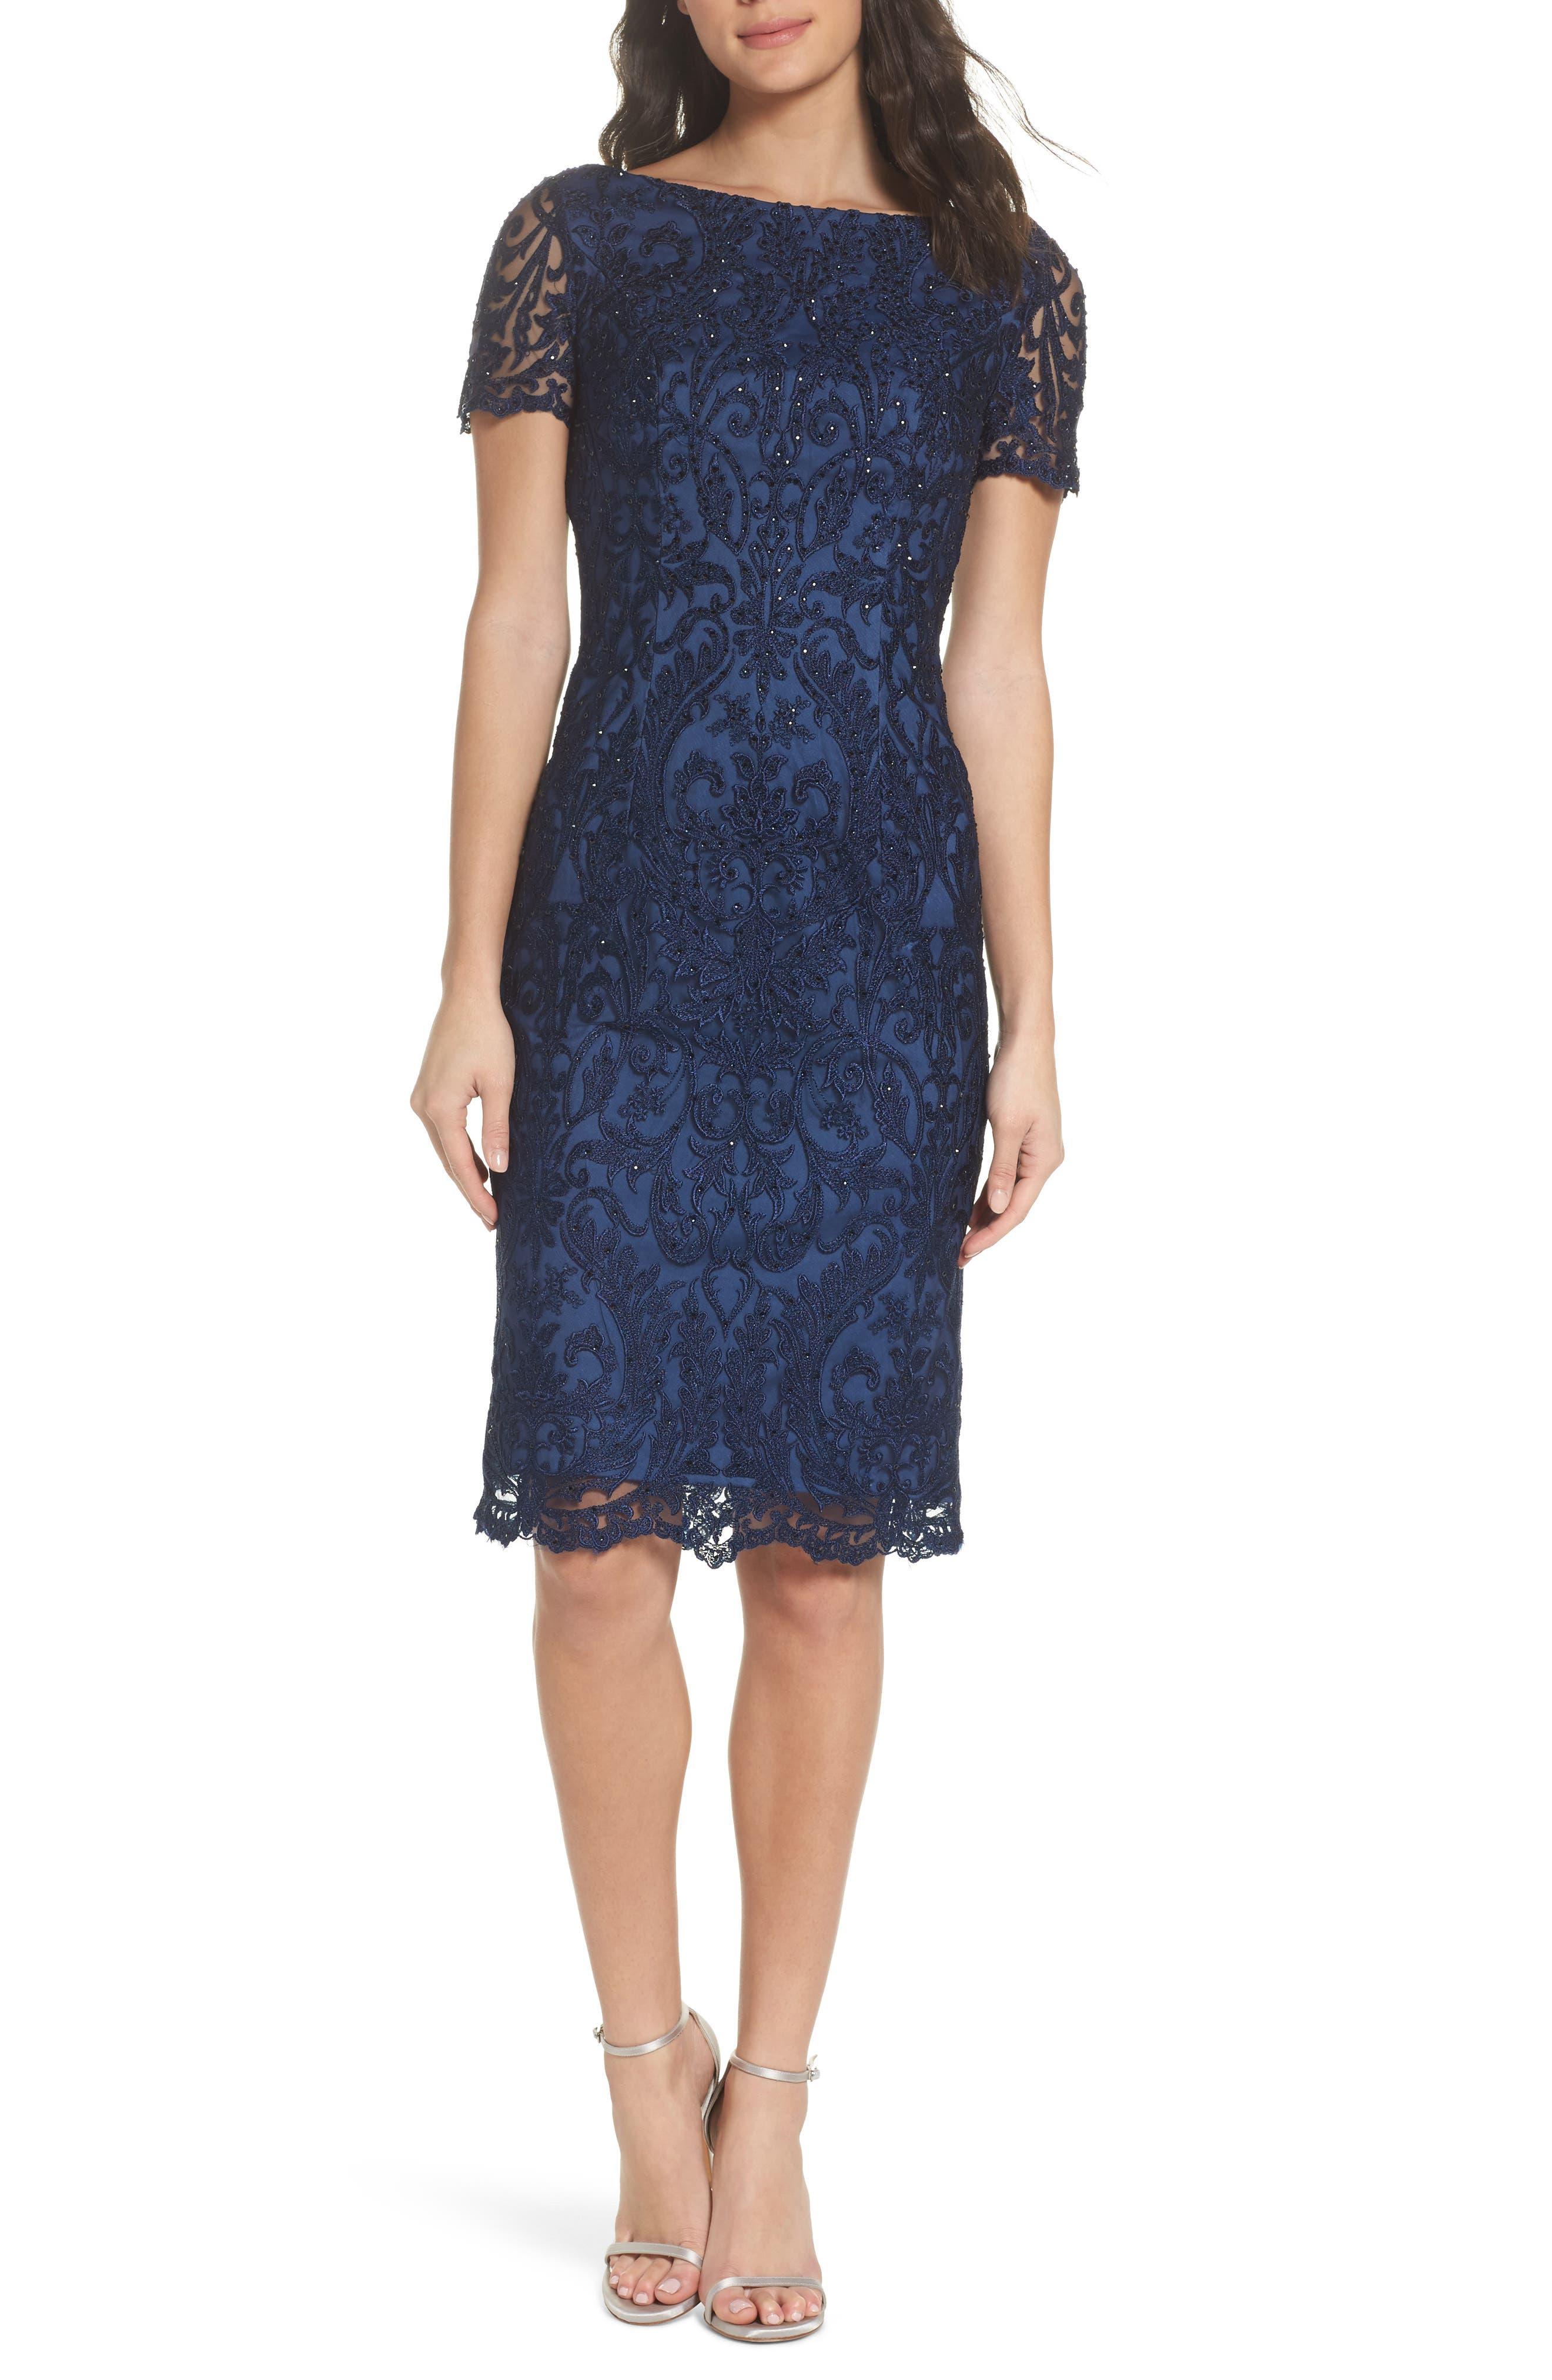 LA FEMME, Beaded Lace Sheath Dress, Main thumbnail 1, color, SLATE BLUE